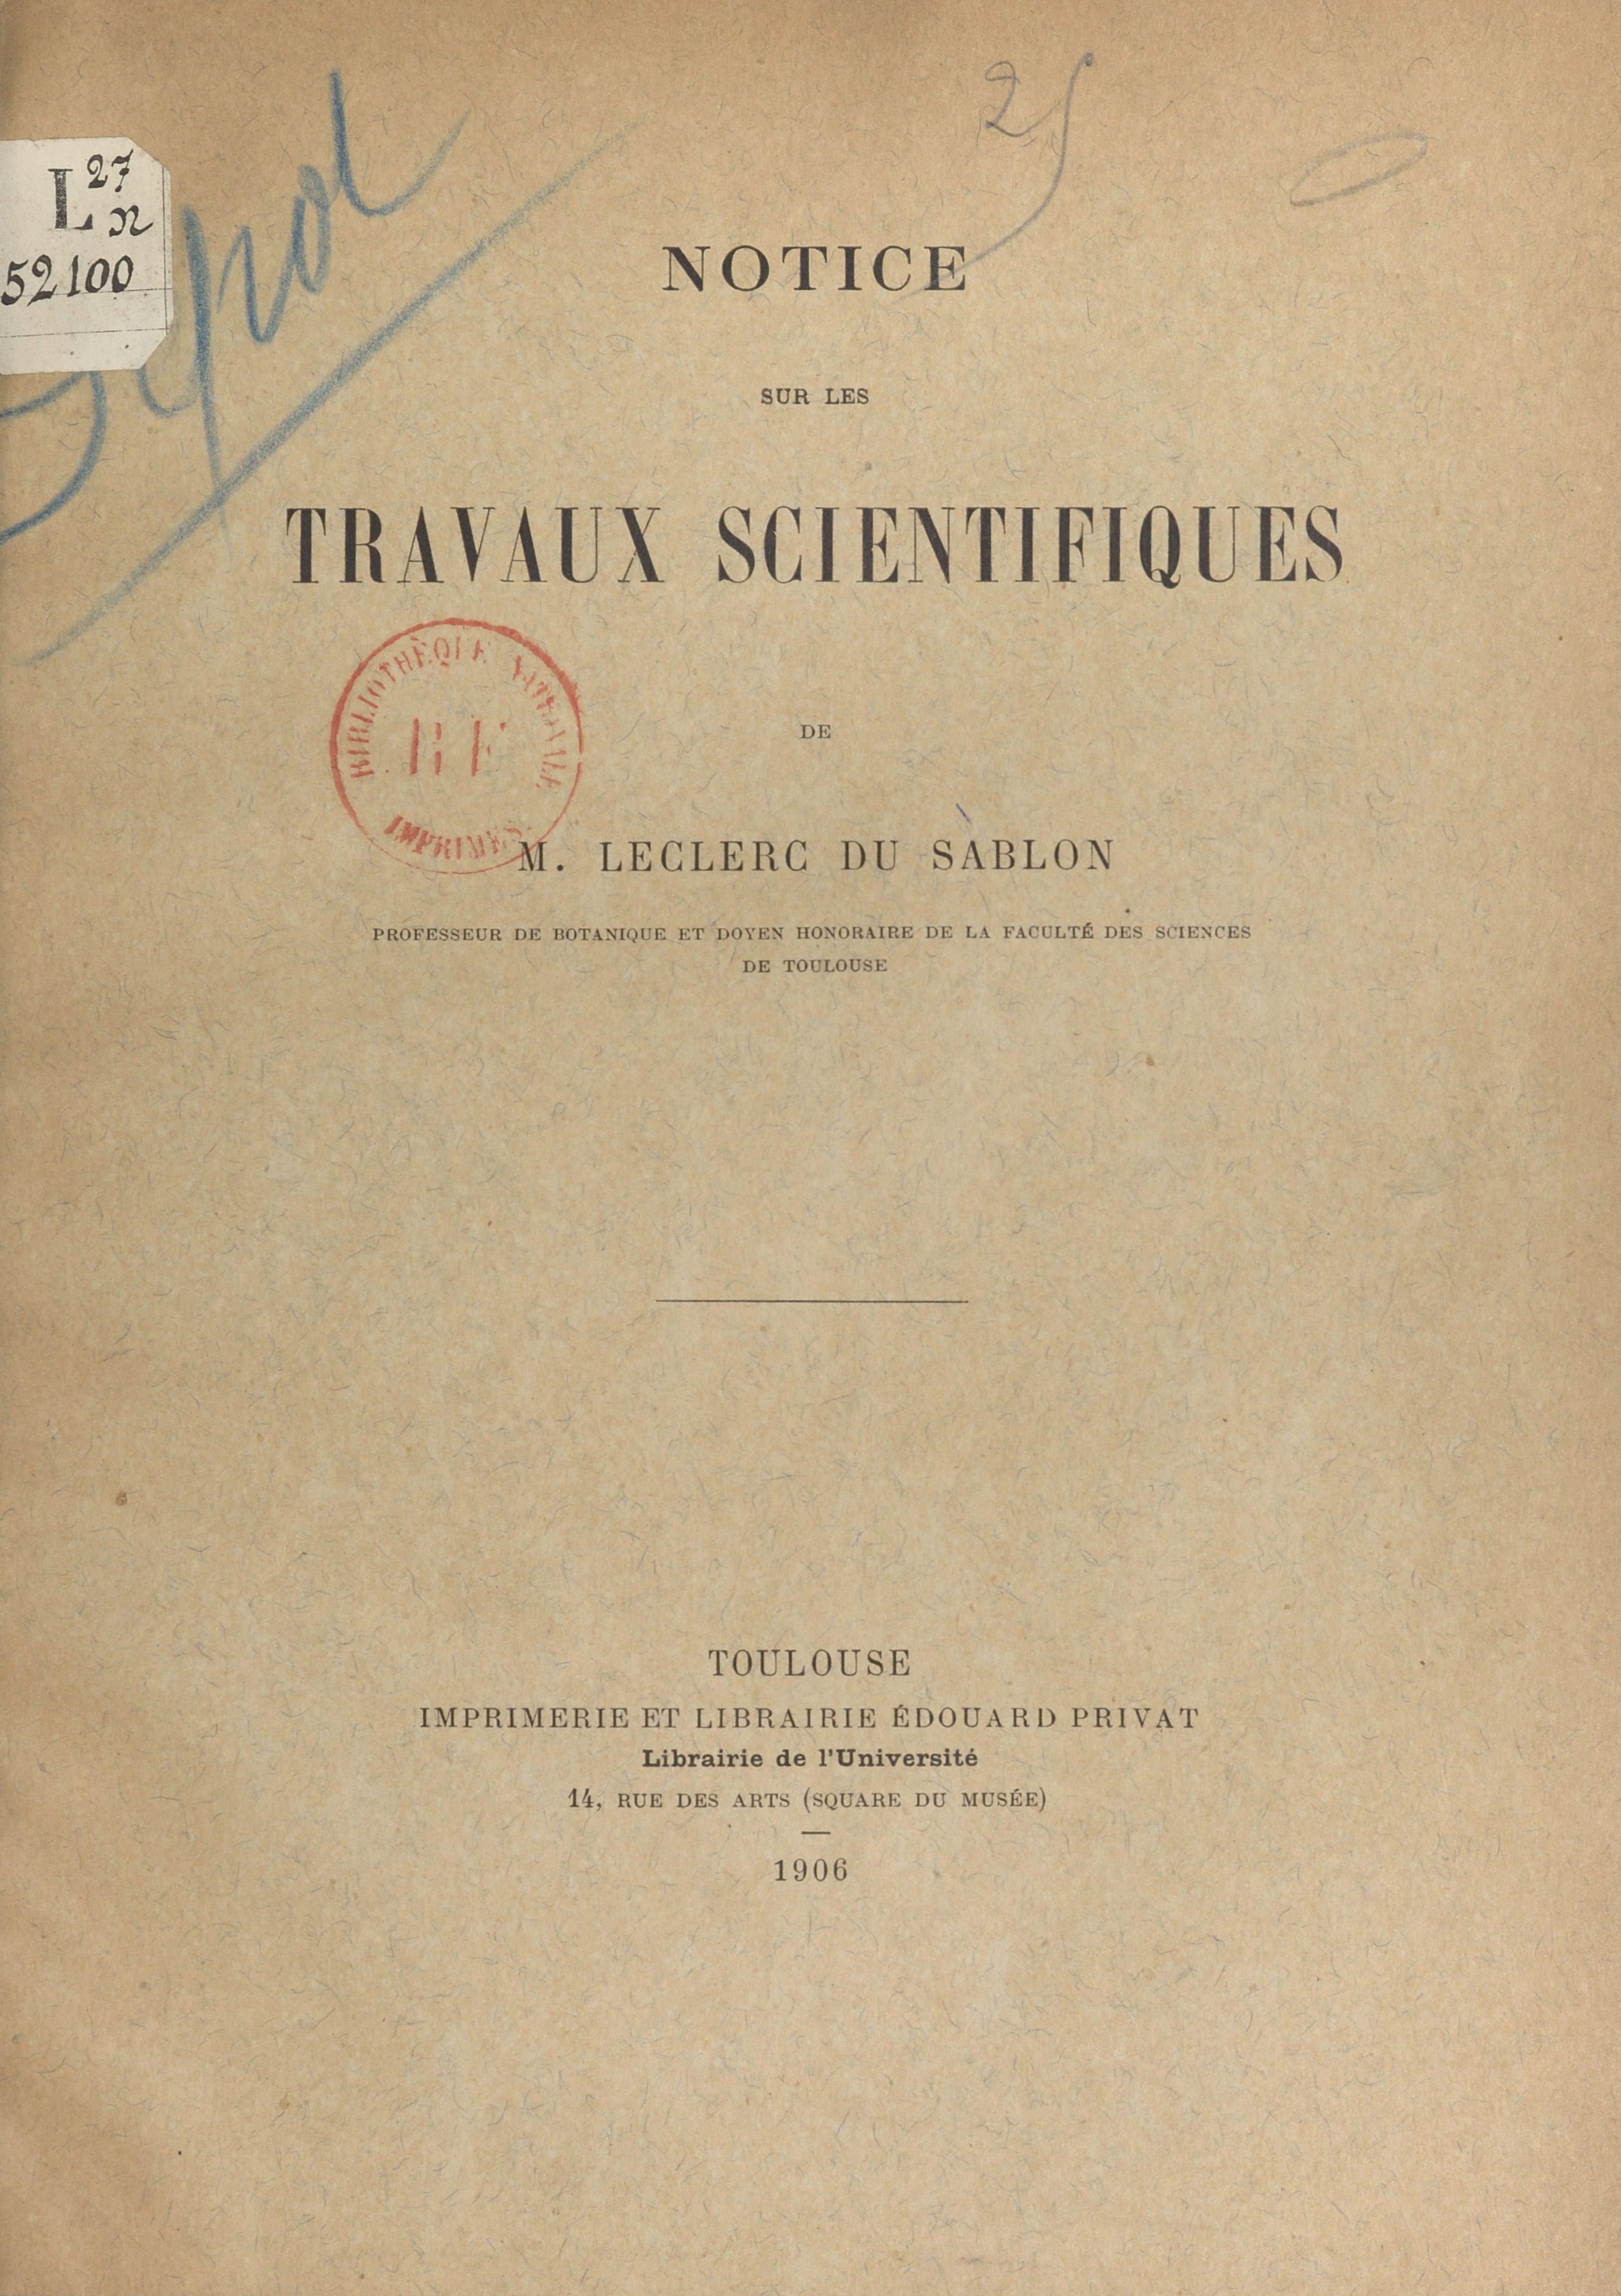 Notice sur les travaux scientifiques de M. Leclerc Du Sablon, professeur de botanique et doyen honor